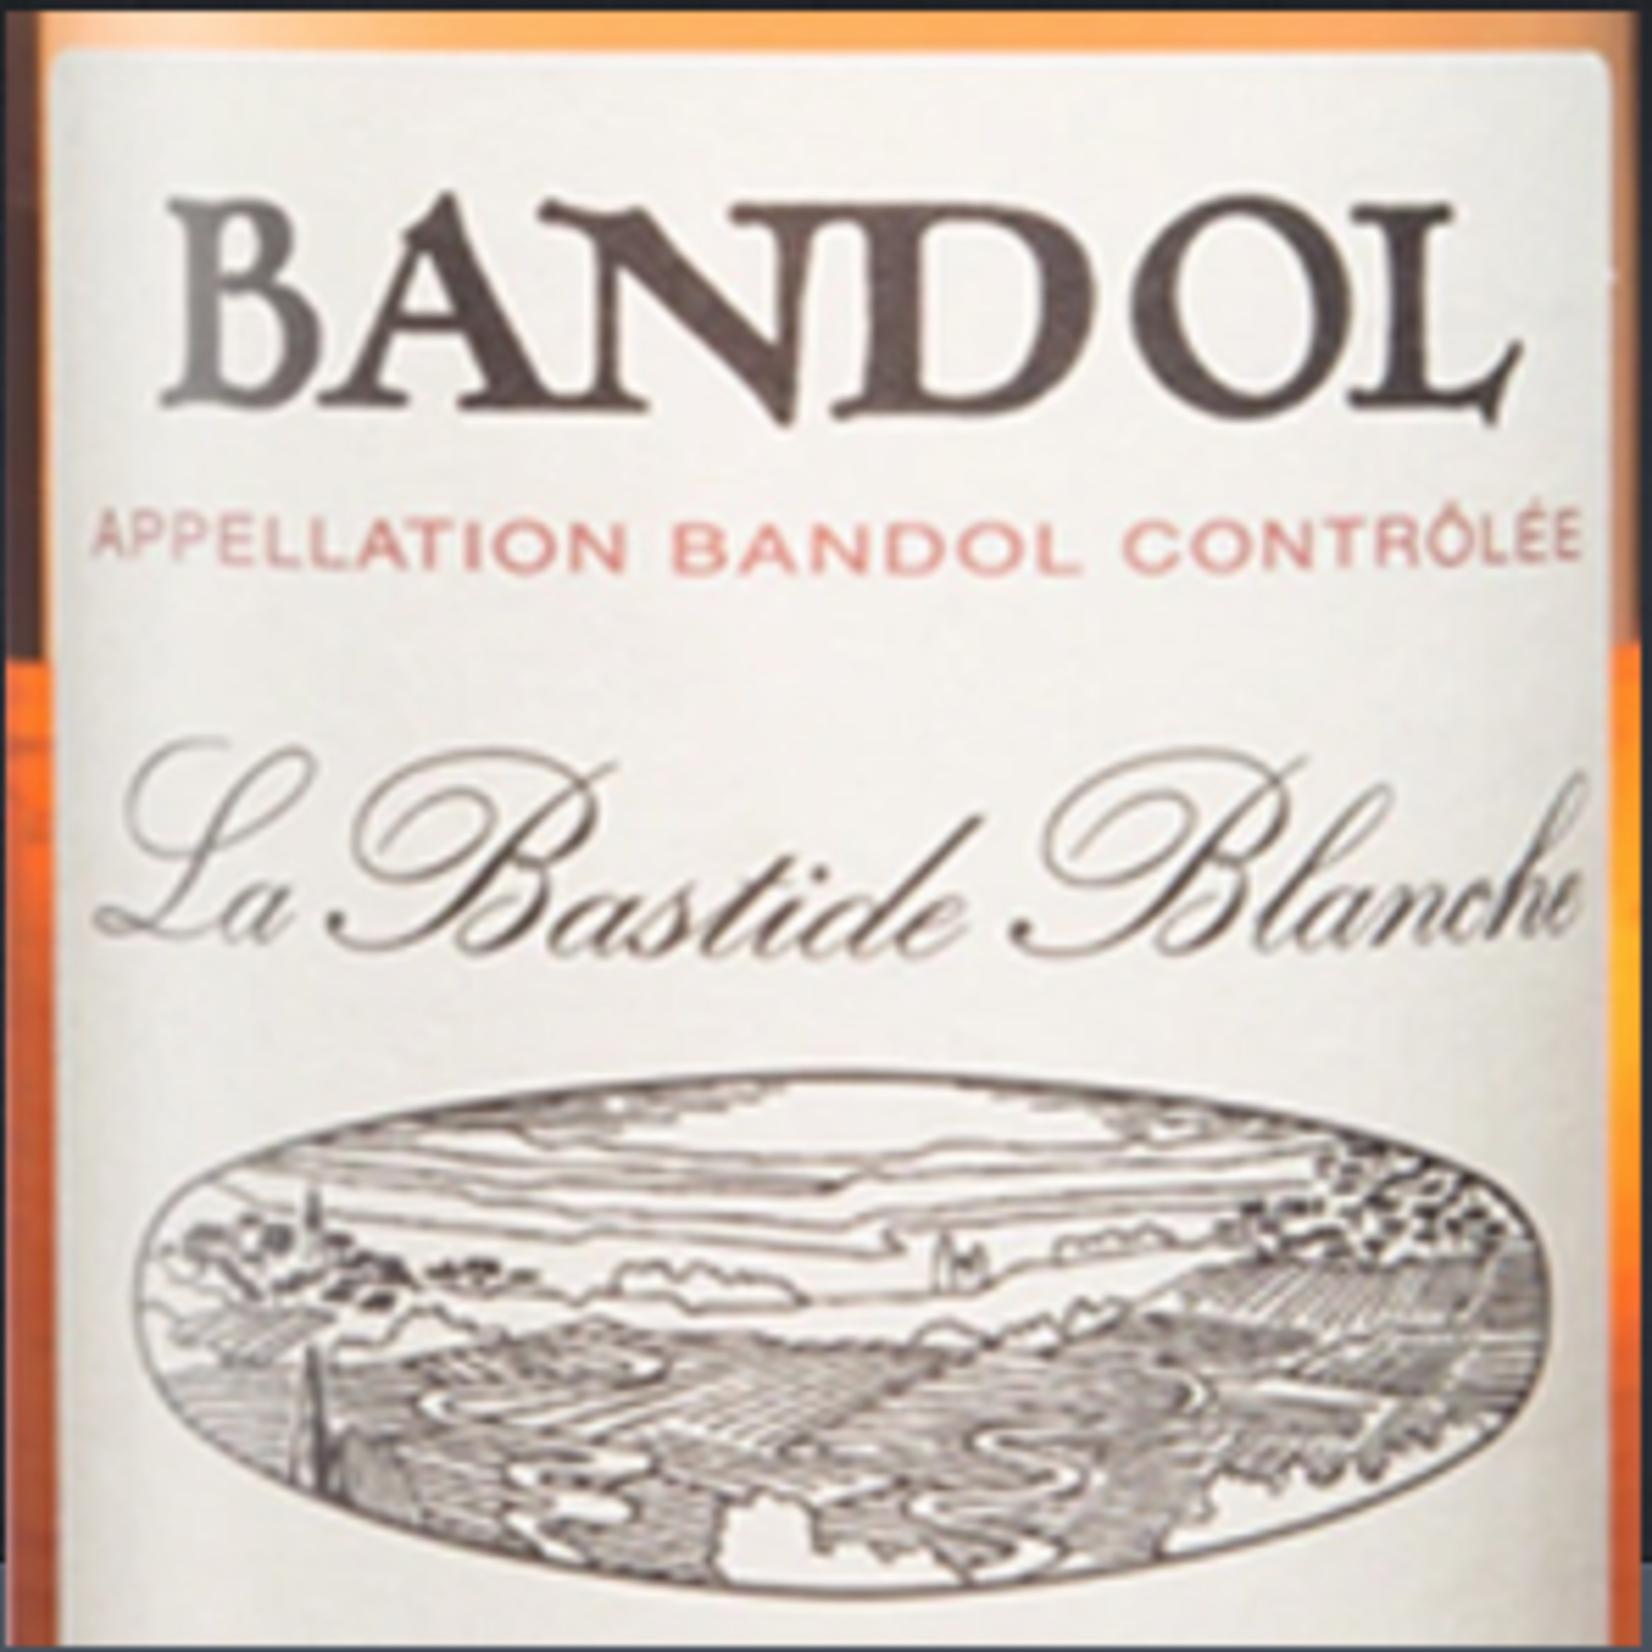 Mis En Bouteilli Au Domaine La Bastide Blanche Bandol Rose 2020 France